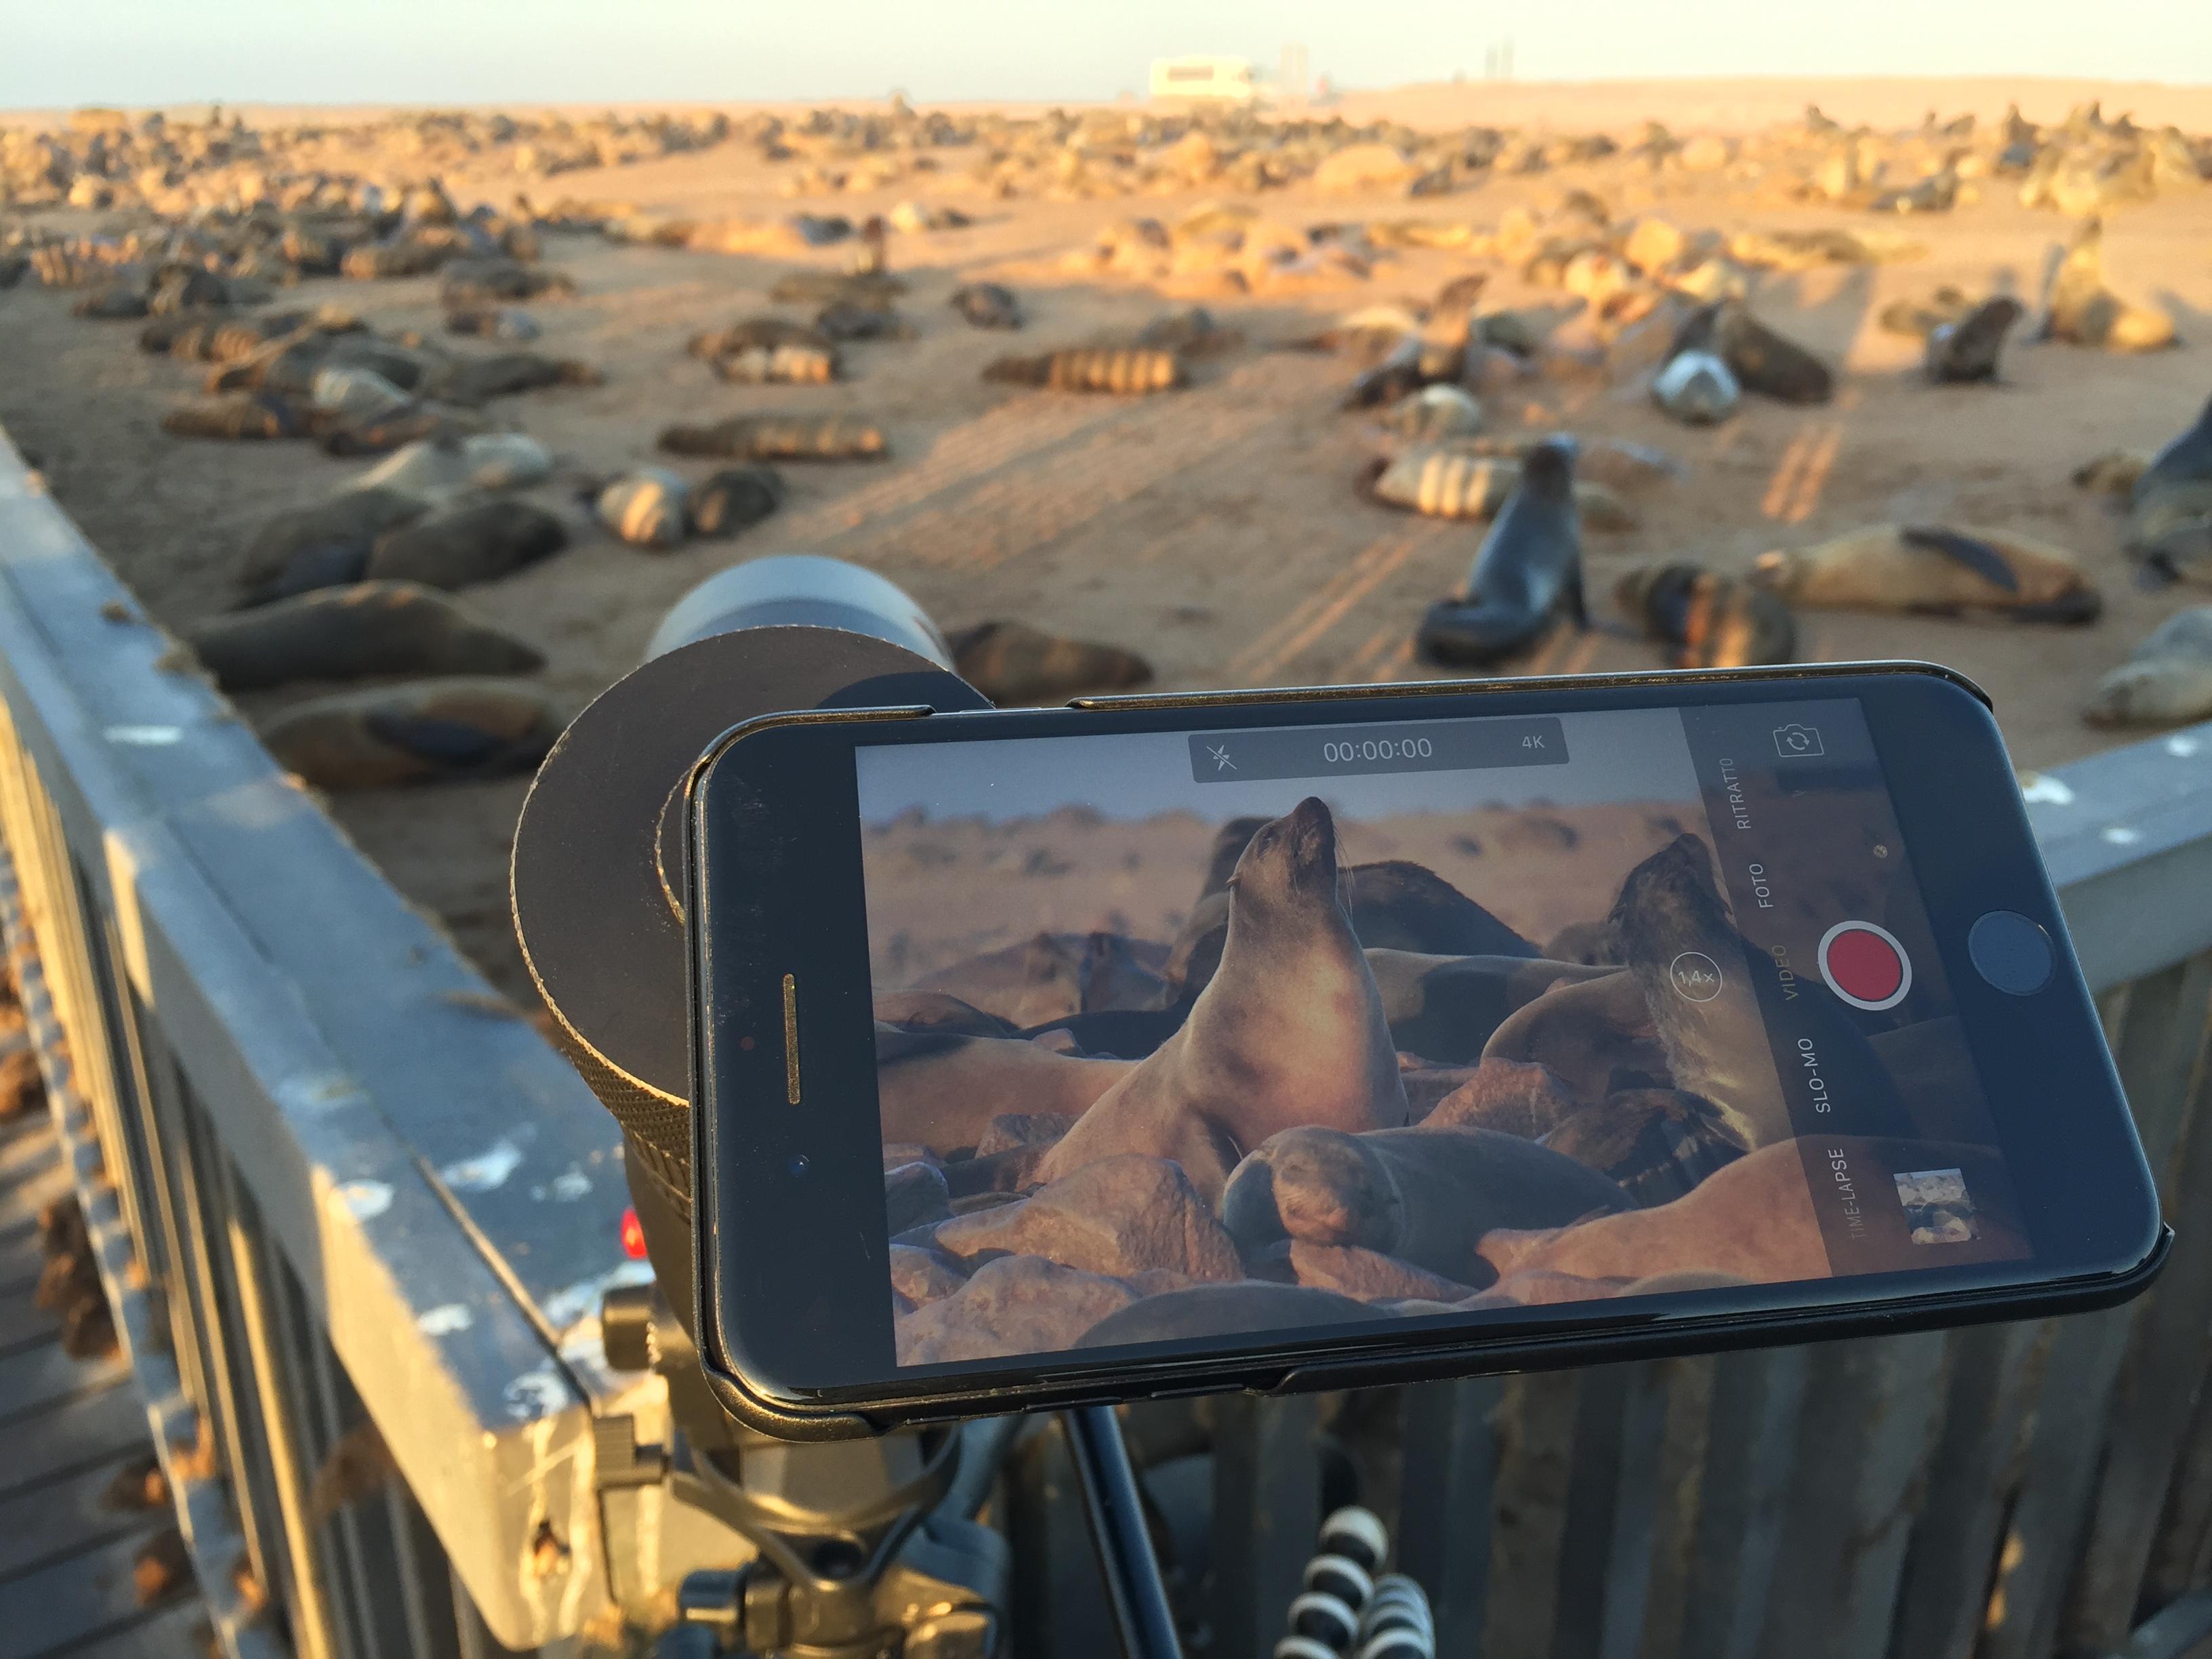 Leica APO Televid 82mm con l'aggancio per cellulare montato e quello che si può vedere nell'inquadratura mentre filmavo le otarie ursine del Capo nella colonia di Cape Cross, Namibia. Sistema adattatore Leica per smartphone. Permette di collegare il proprio telefono con il cannocchiale Apo Televid per video e fotografie incredibili.